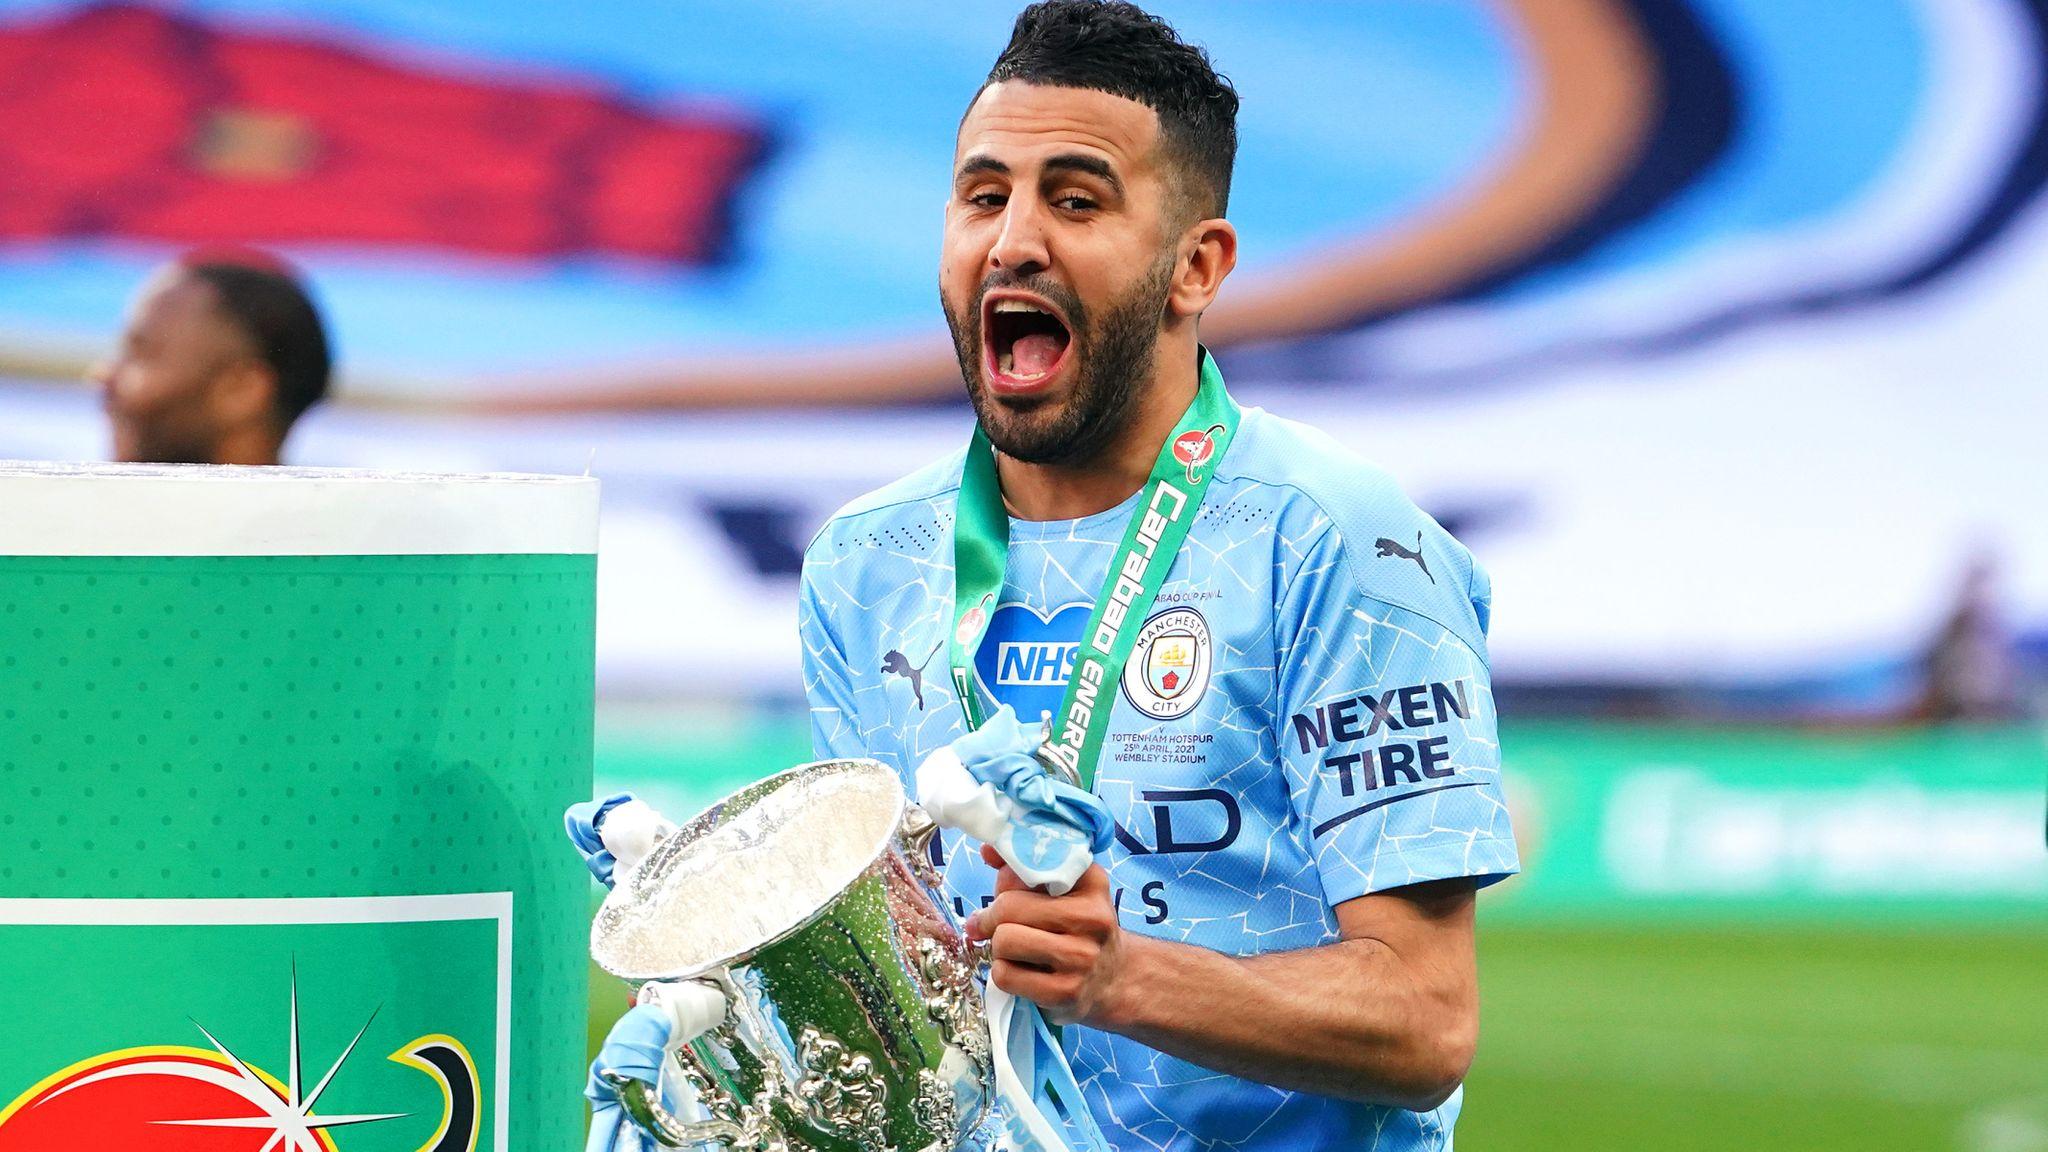 Video Manchester City Vs Tottenham Hotspur Efl Cup Highlights Soccer Highlights